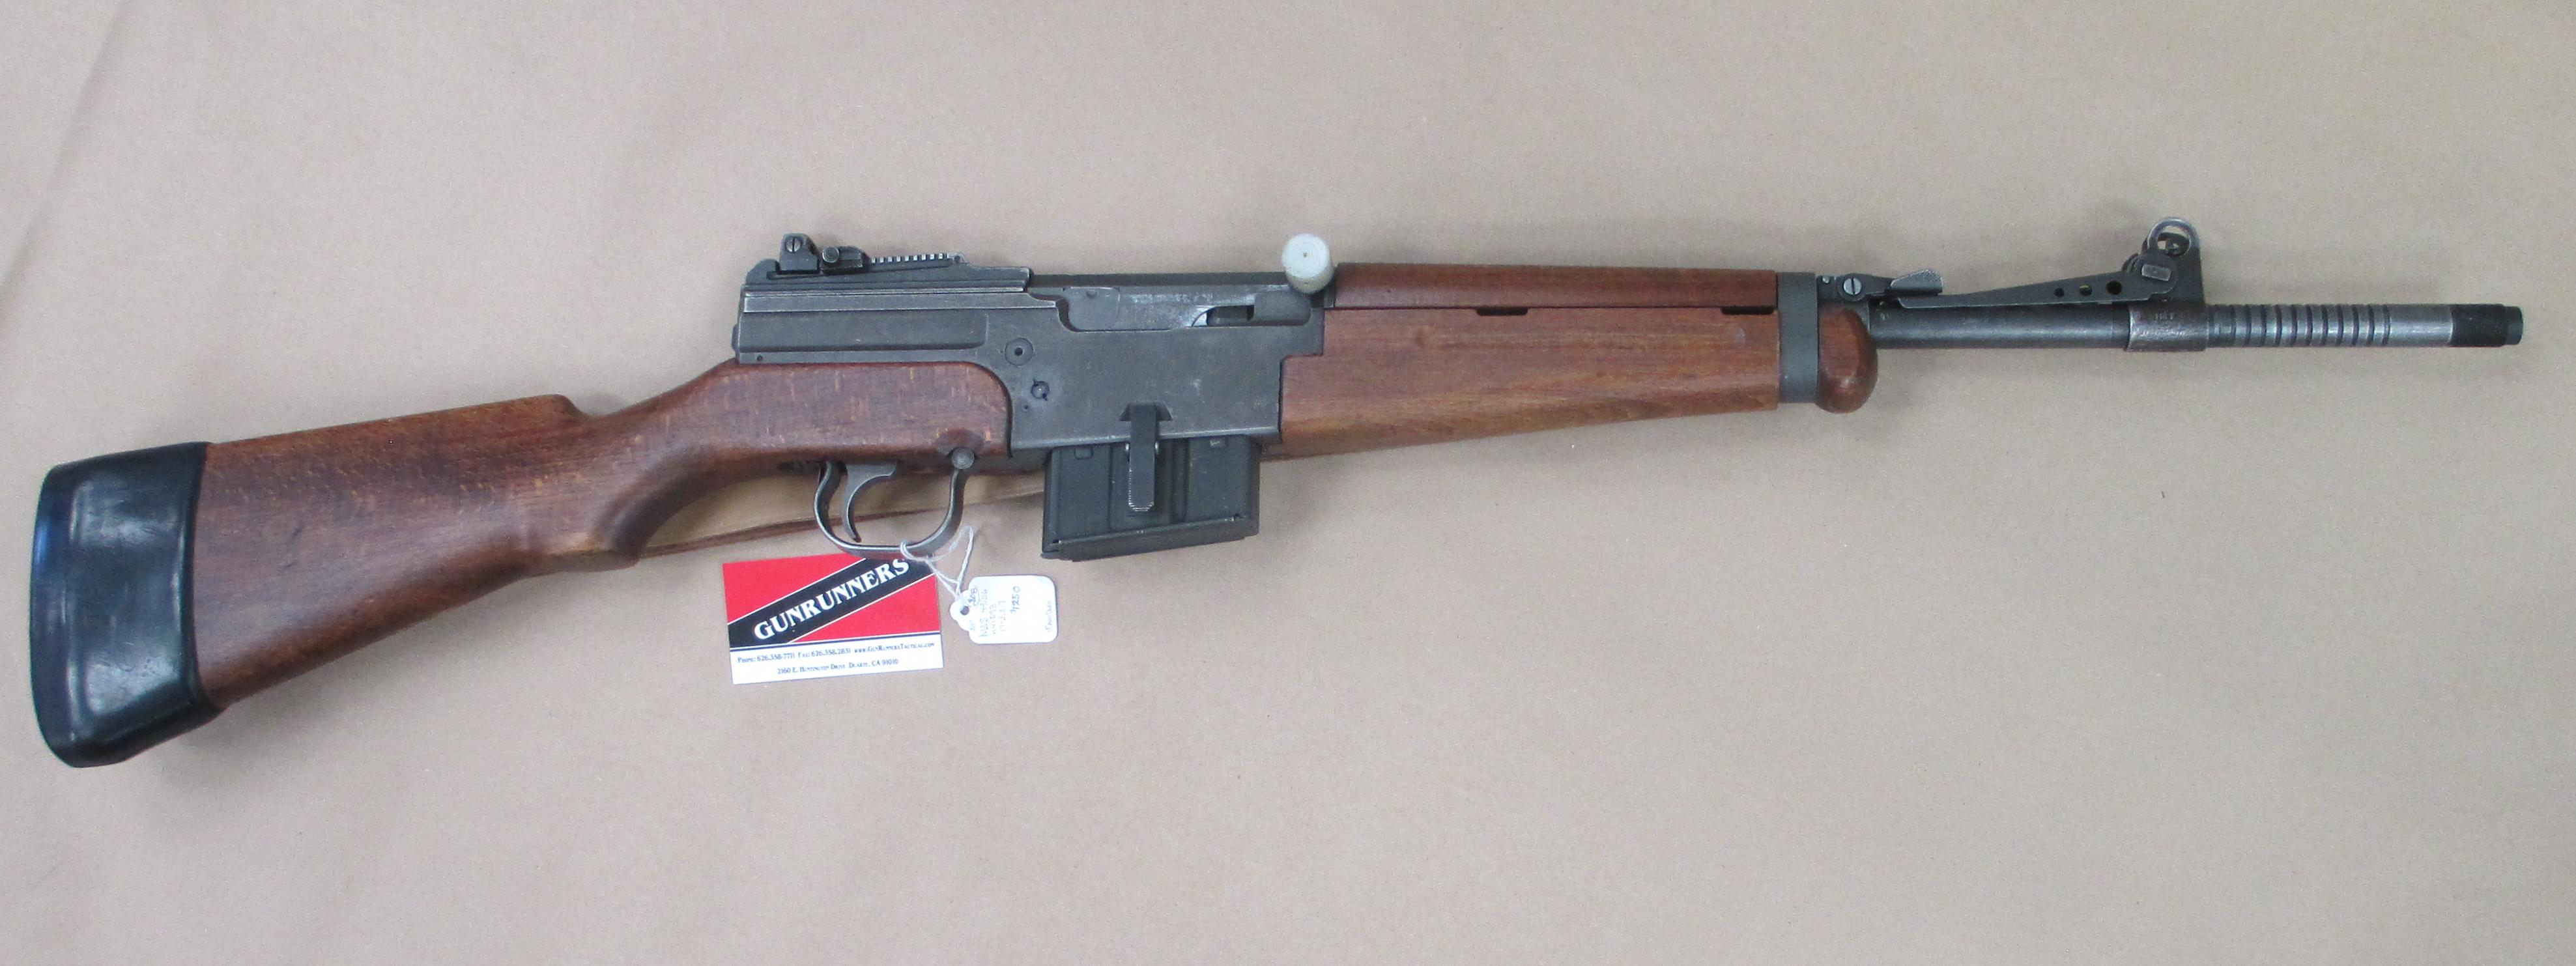 Gunrunnerstactical - Catalog - Rifles